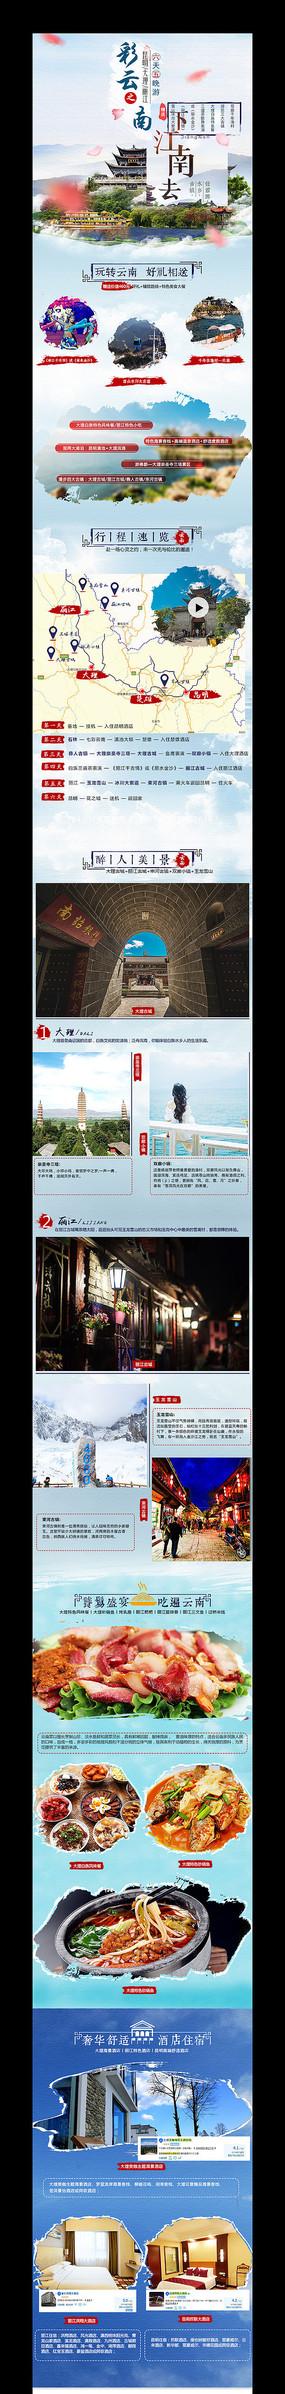 淘宝天猫云南旅游详情页描述模板 PSD